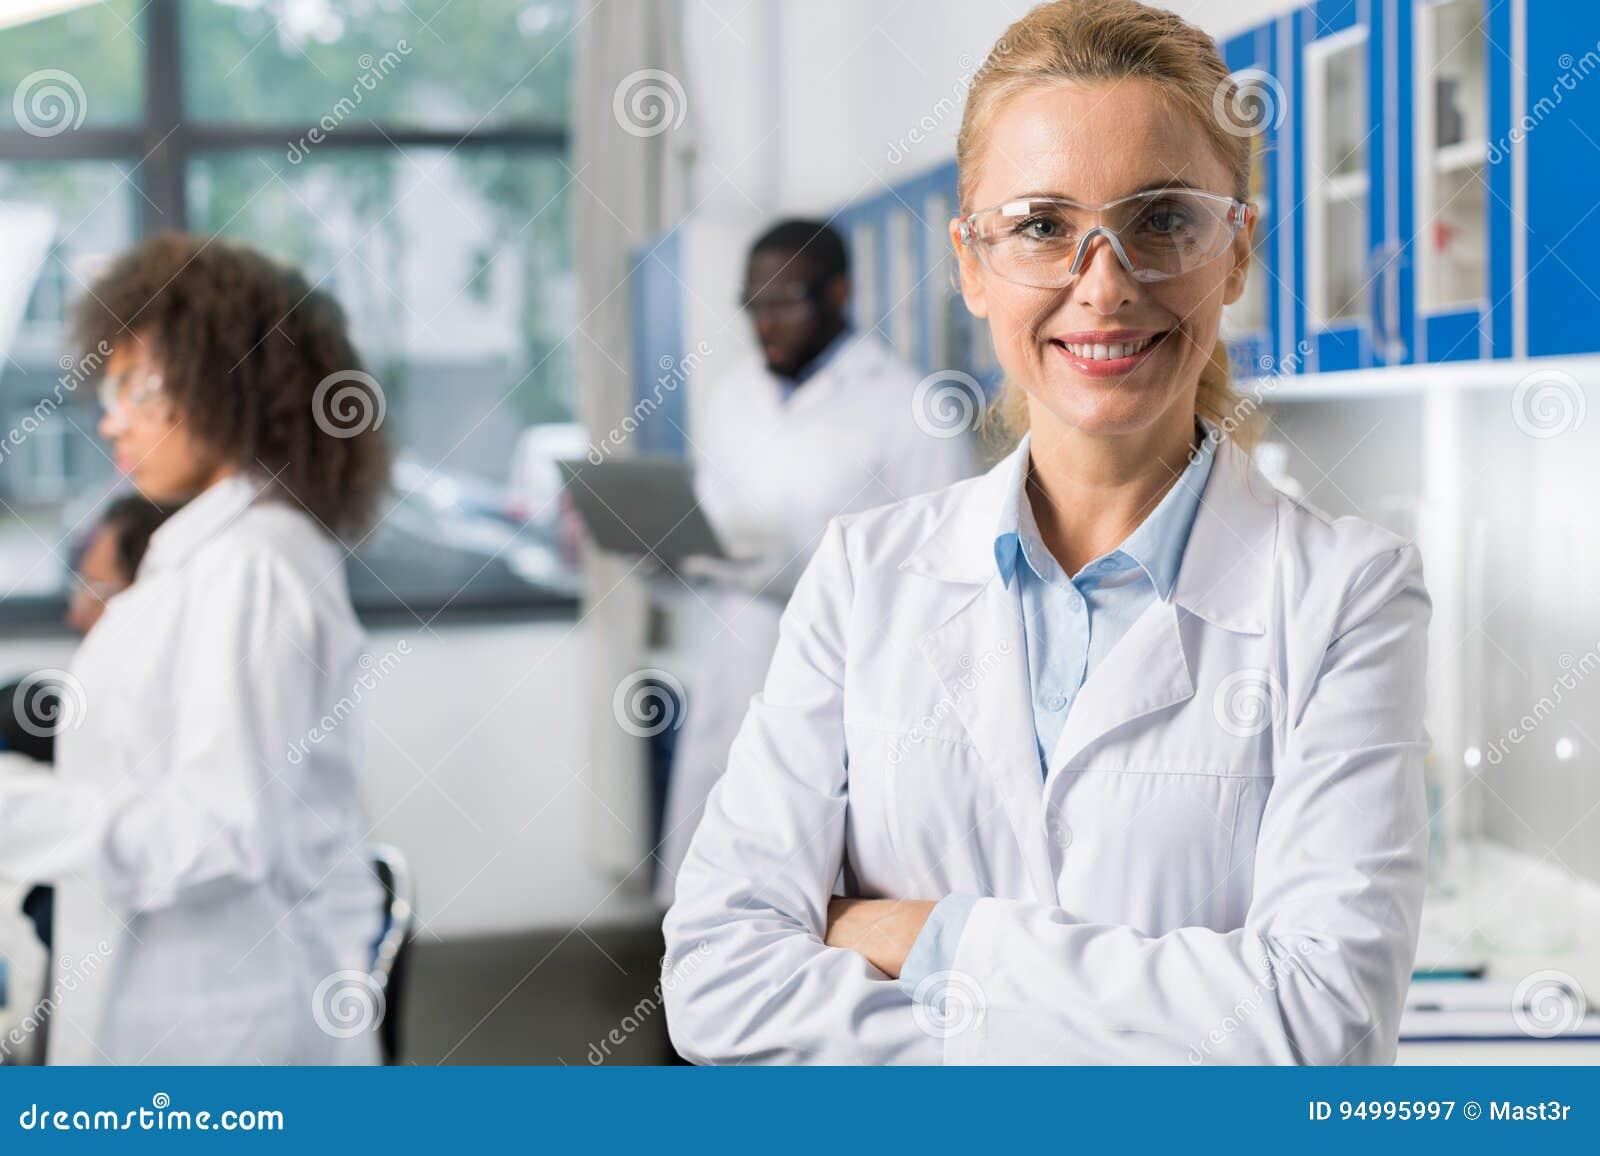 Retrato da mulher de sorriso no revestimento branco e em monóculos protetores no laboratório moderno, cientista fêmea Over Busy